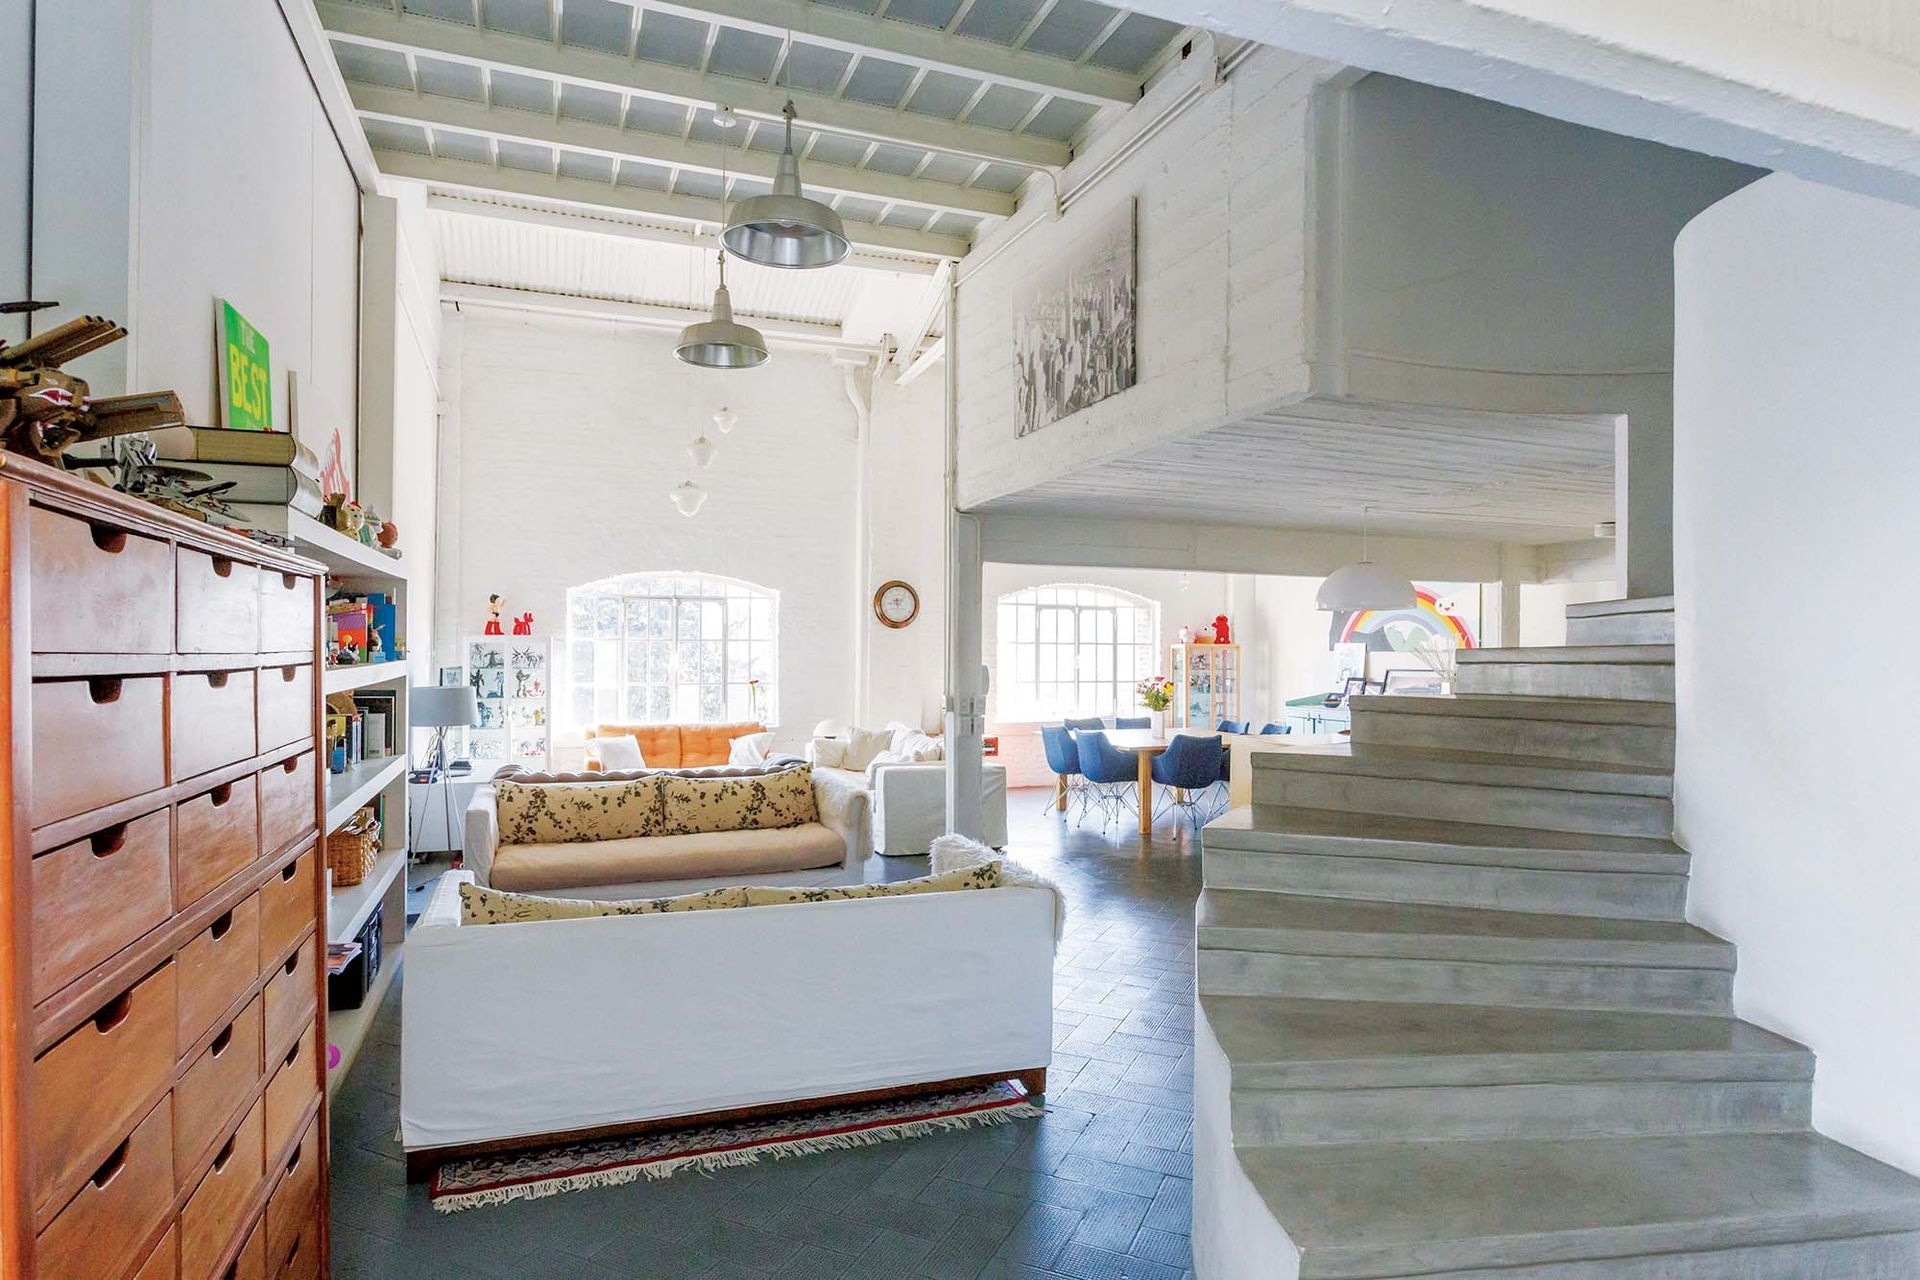 Si bien coquetearon con la idea de poner piso de cemento alisado a tono con la escalera, terminaron conservando el original.